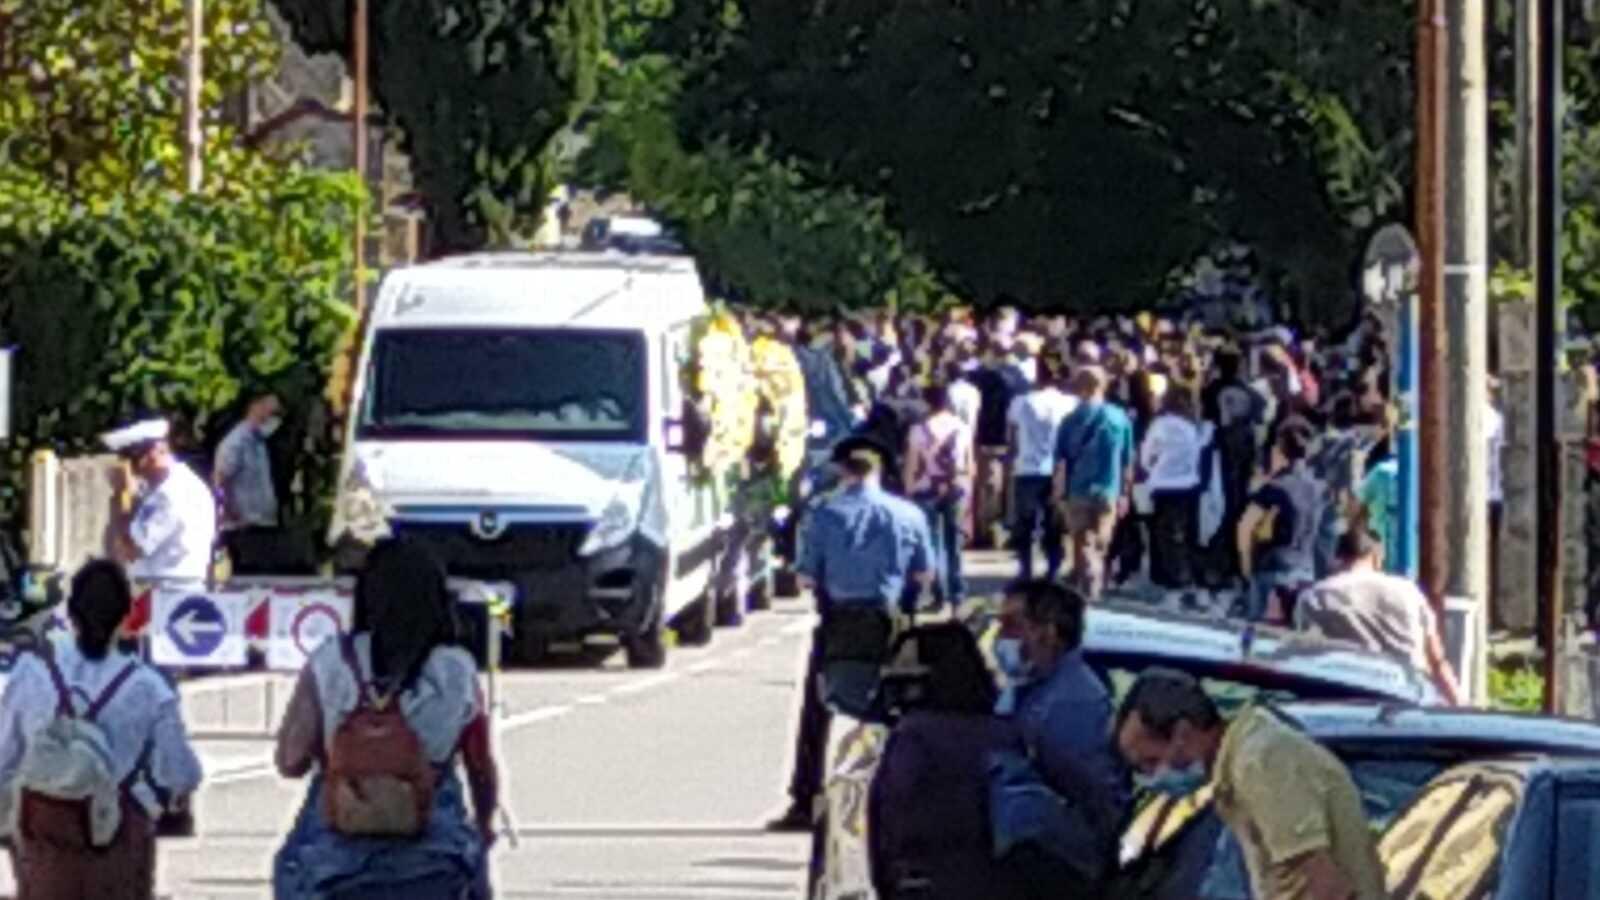 FOTO |  Colledara, una folla commossa ad Ornano Grande per l'ultimo saluto ad Emilio Vaccari